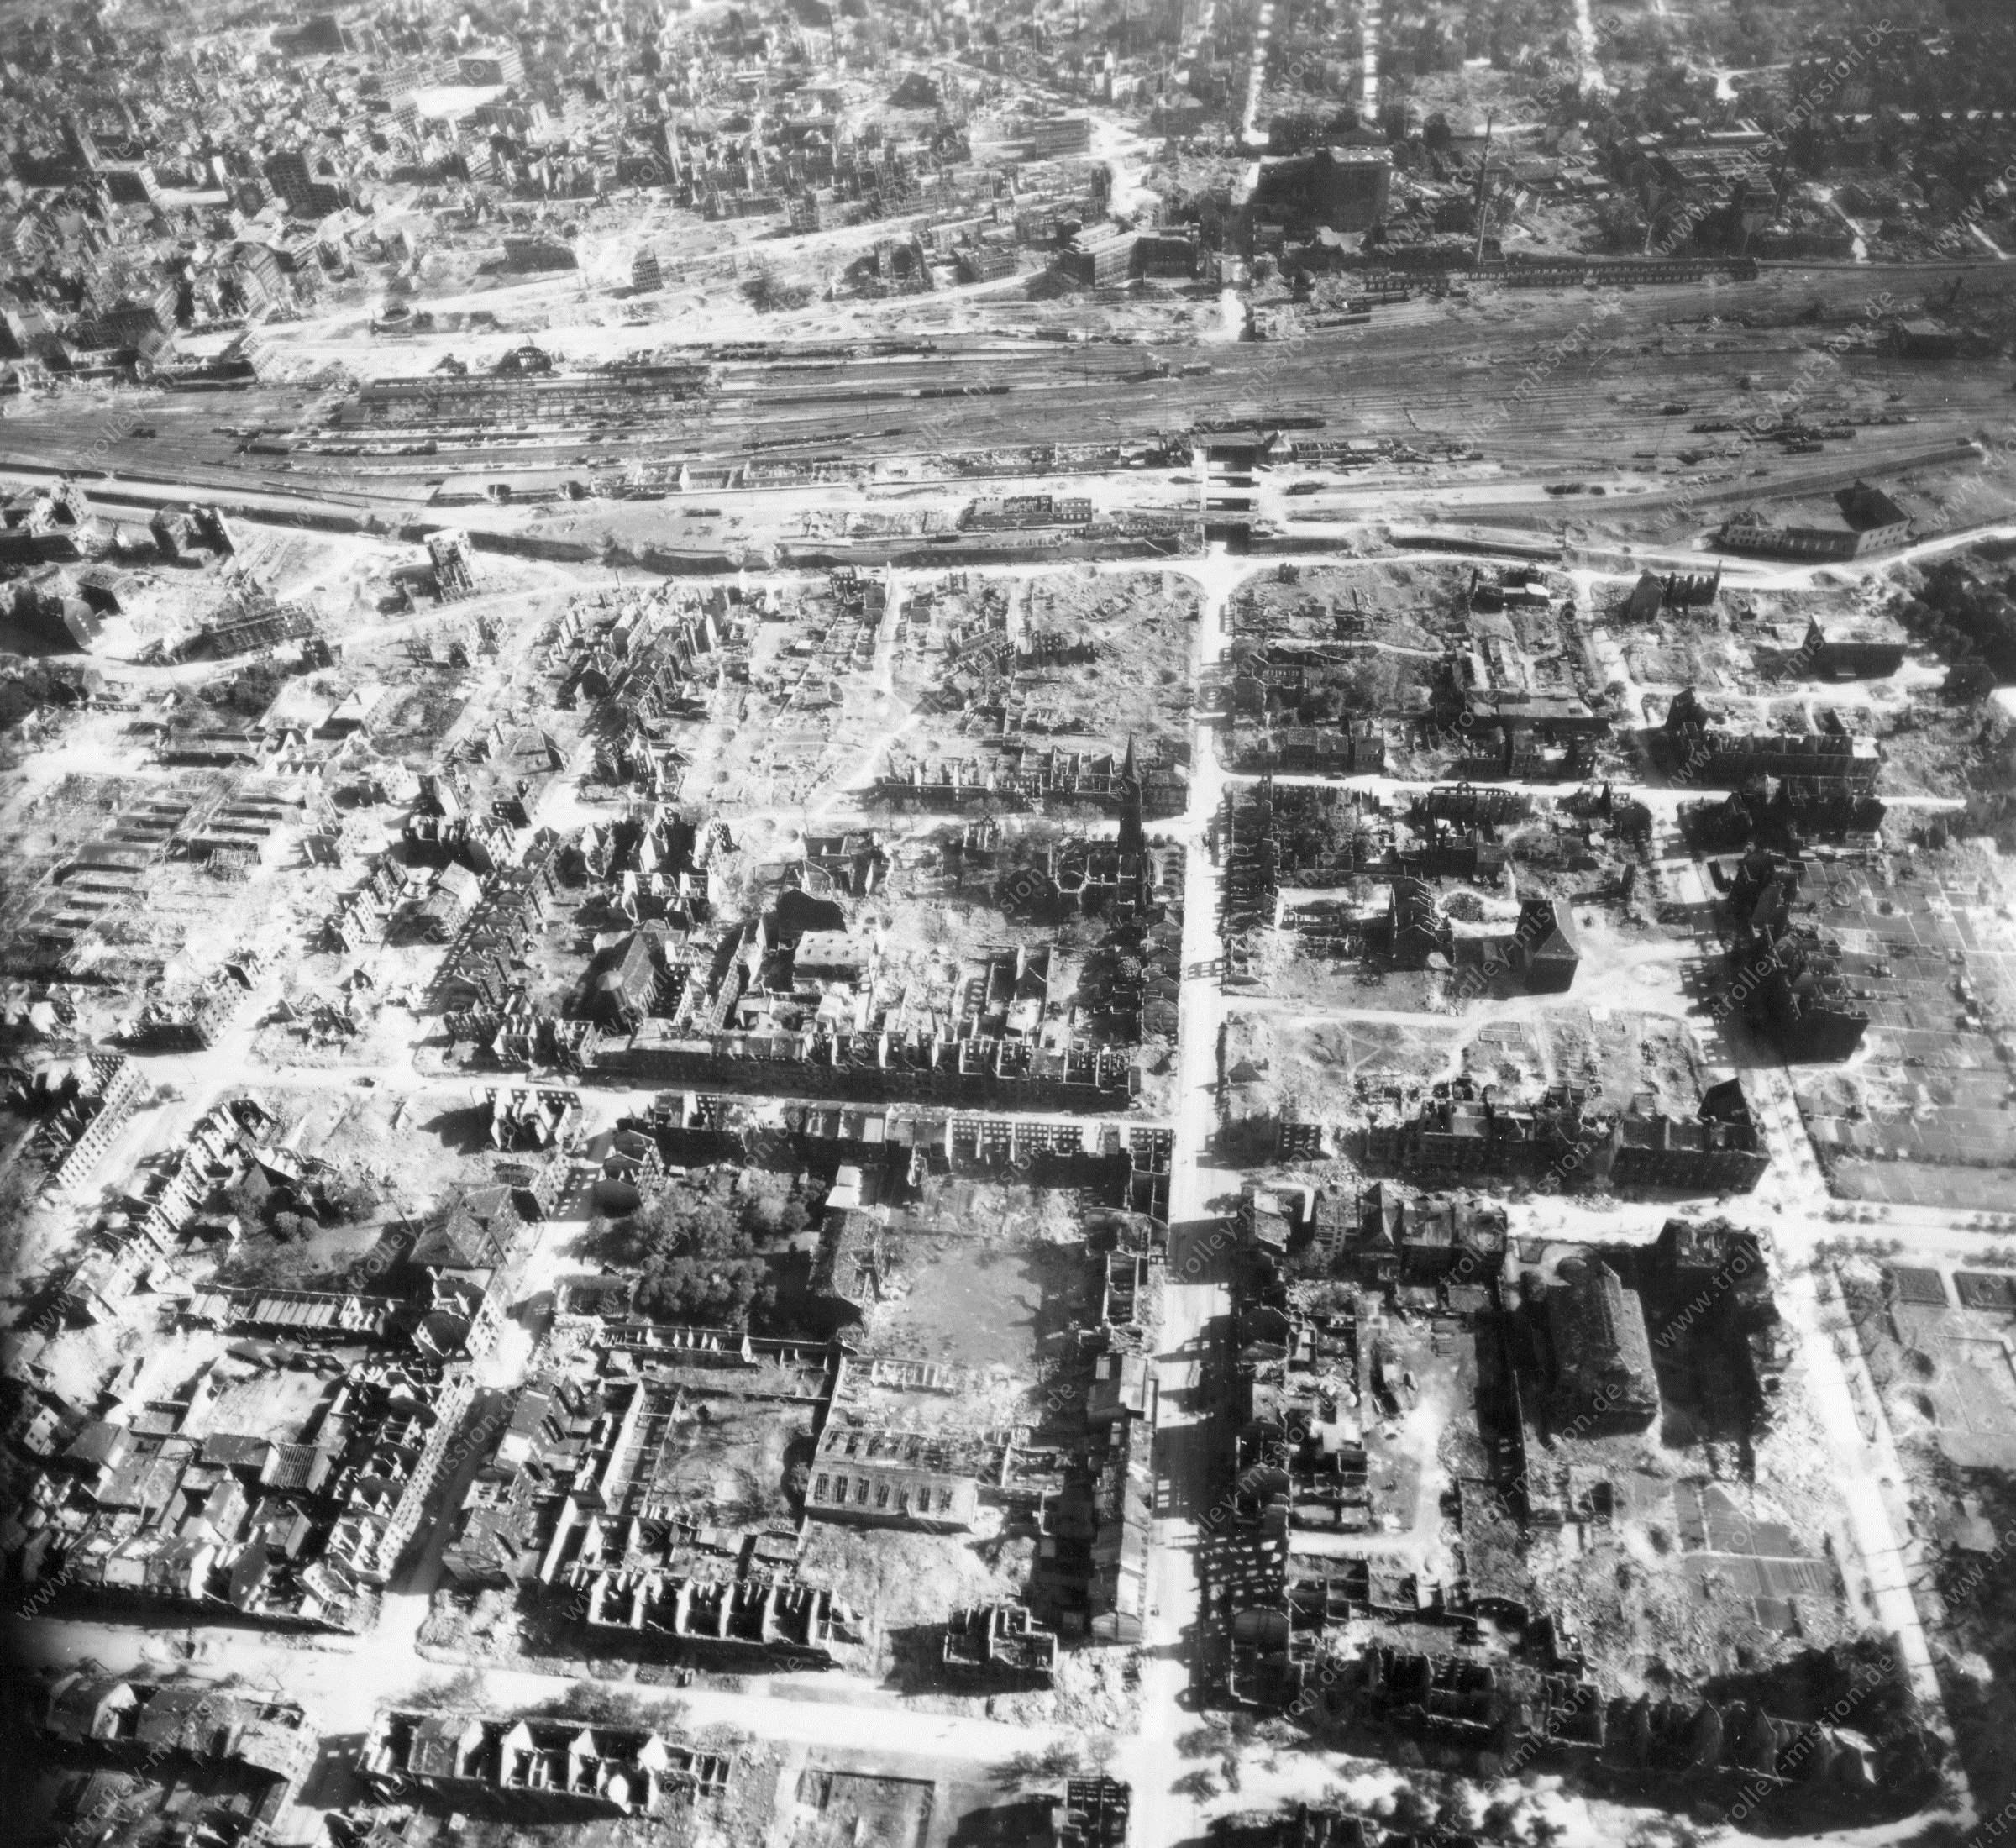 Luftbild von Dortmund am 12. Mai 1945 - Luftbildserie 1/4 der US Air Force